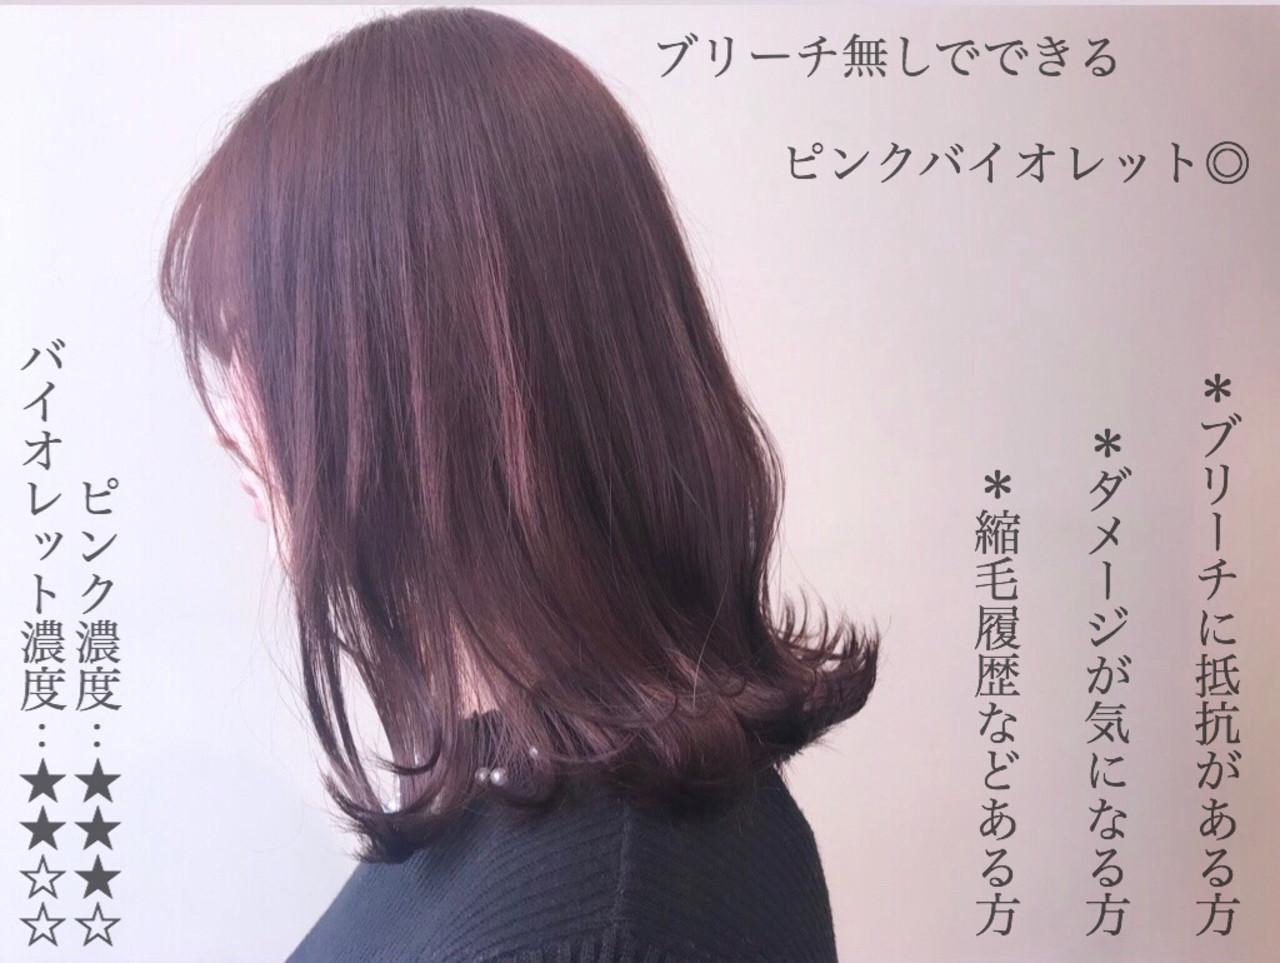 ピンクアッシュ ピンクバイオレット ナチュラル ピンクラベンダー ヘアスタイルや髪型の写真・画像